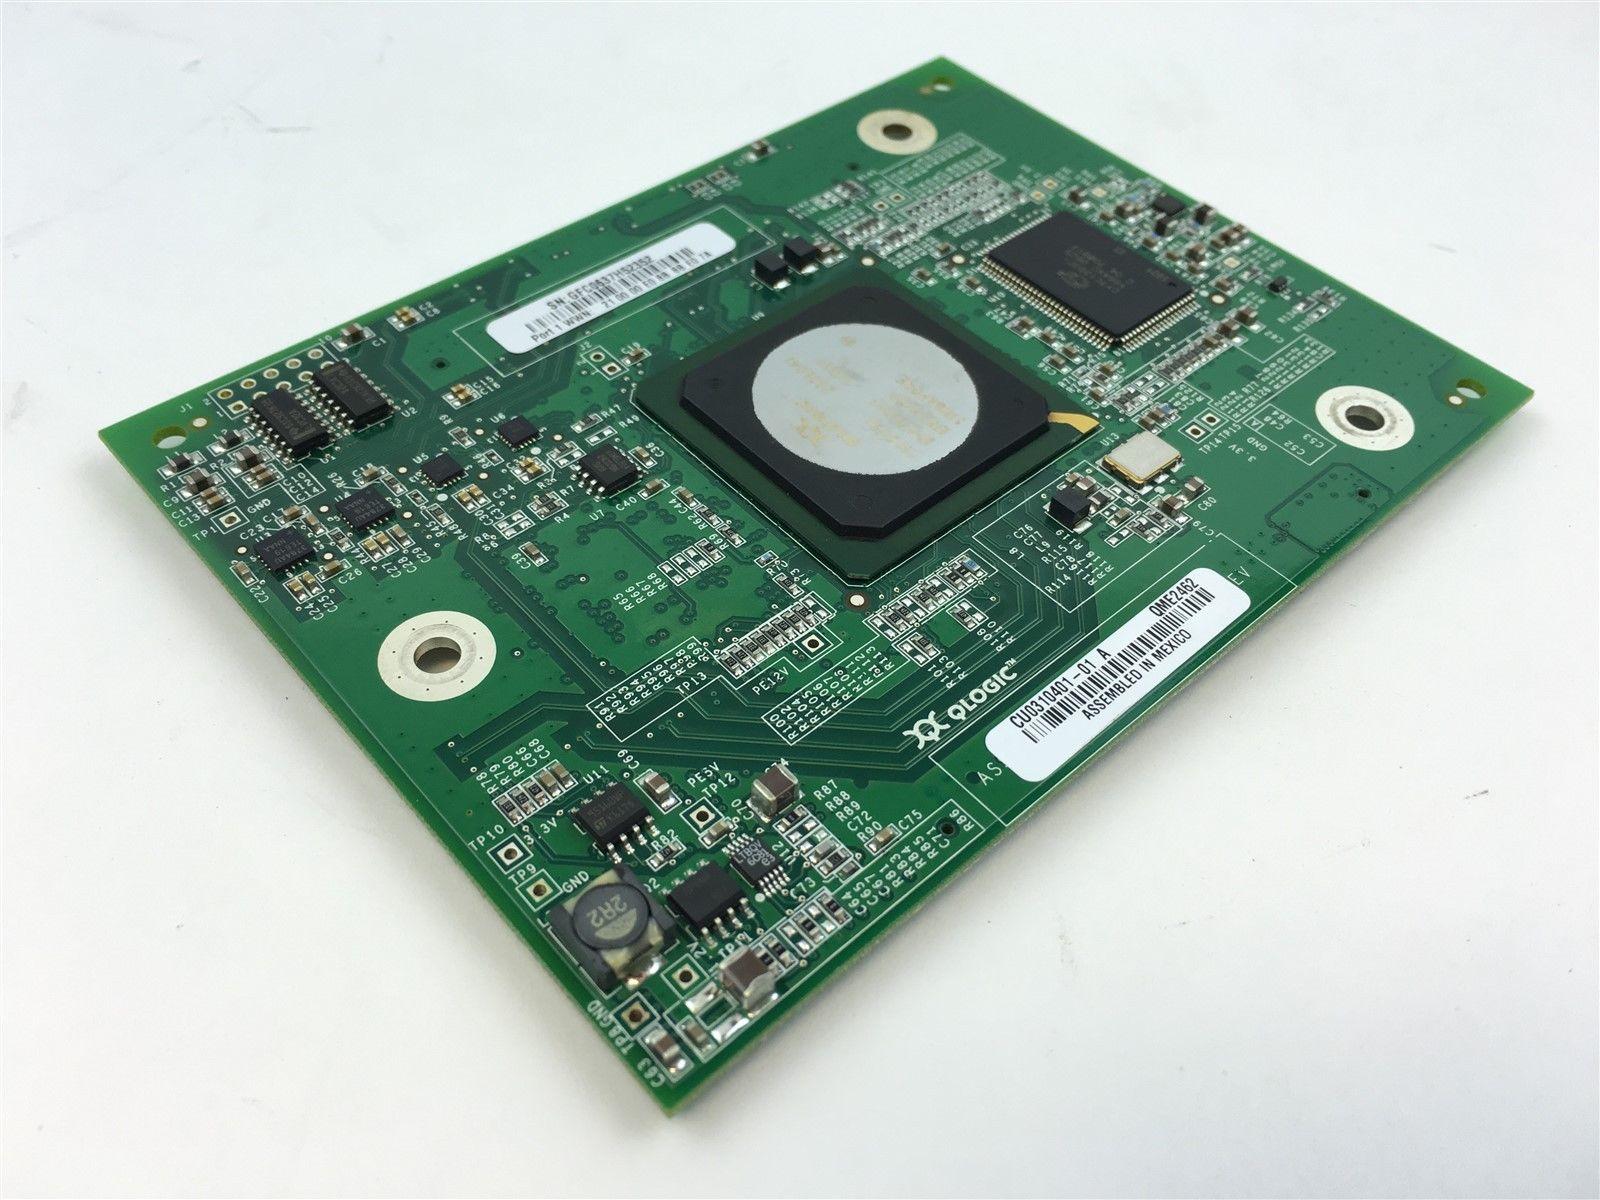 ND674 Dell PowerEdge 1955 4GB Fiber Channel PCI-E - Fibre Channel QLogic (QME2462) 2 Channel HBA